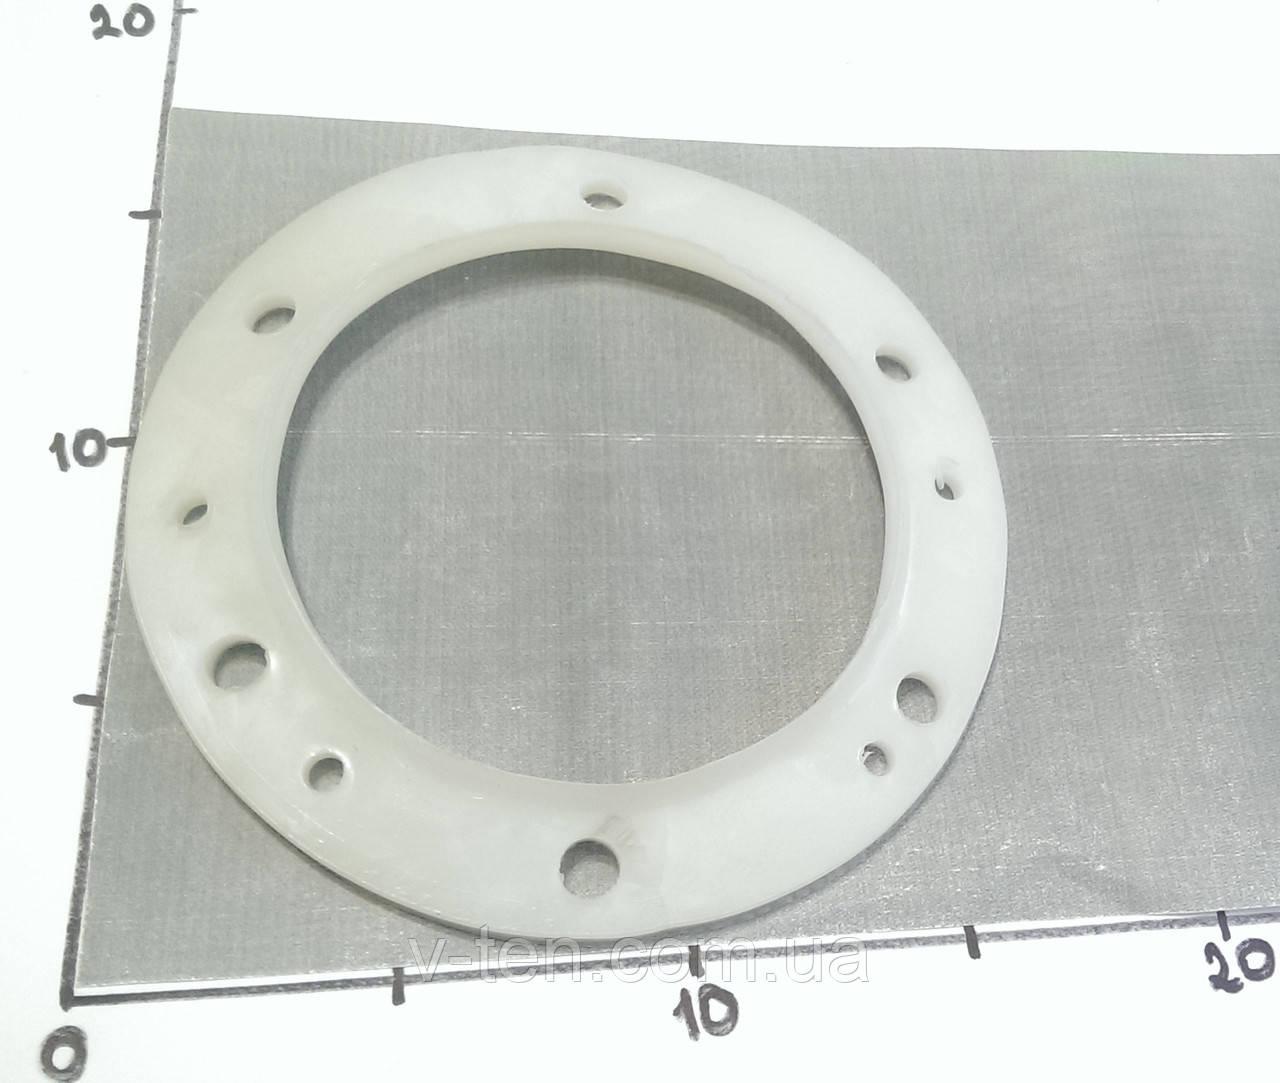 Прокладка резиновая для бойлеров Electrolux, Fagor, Termal.